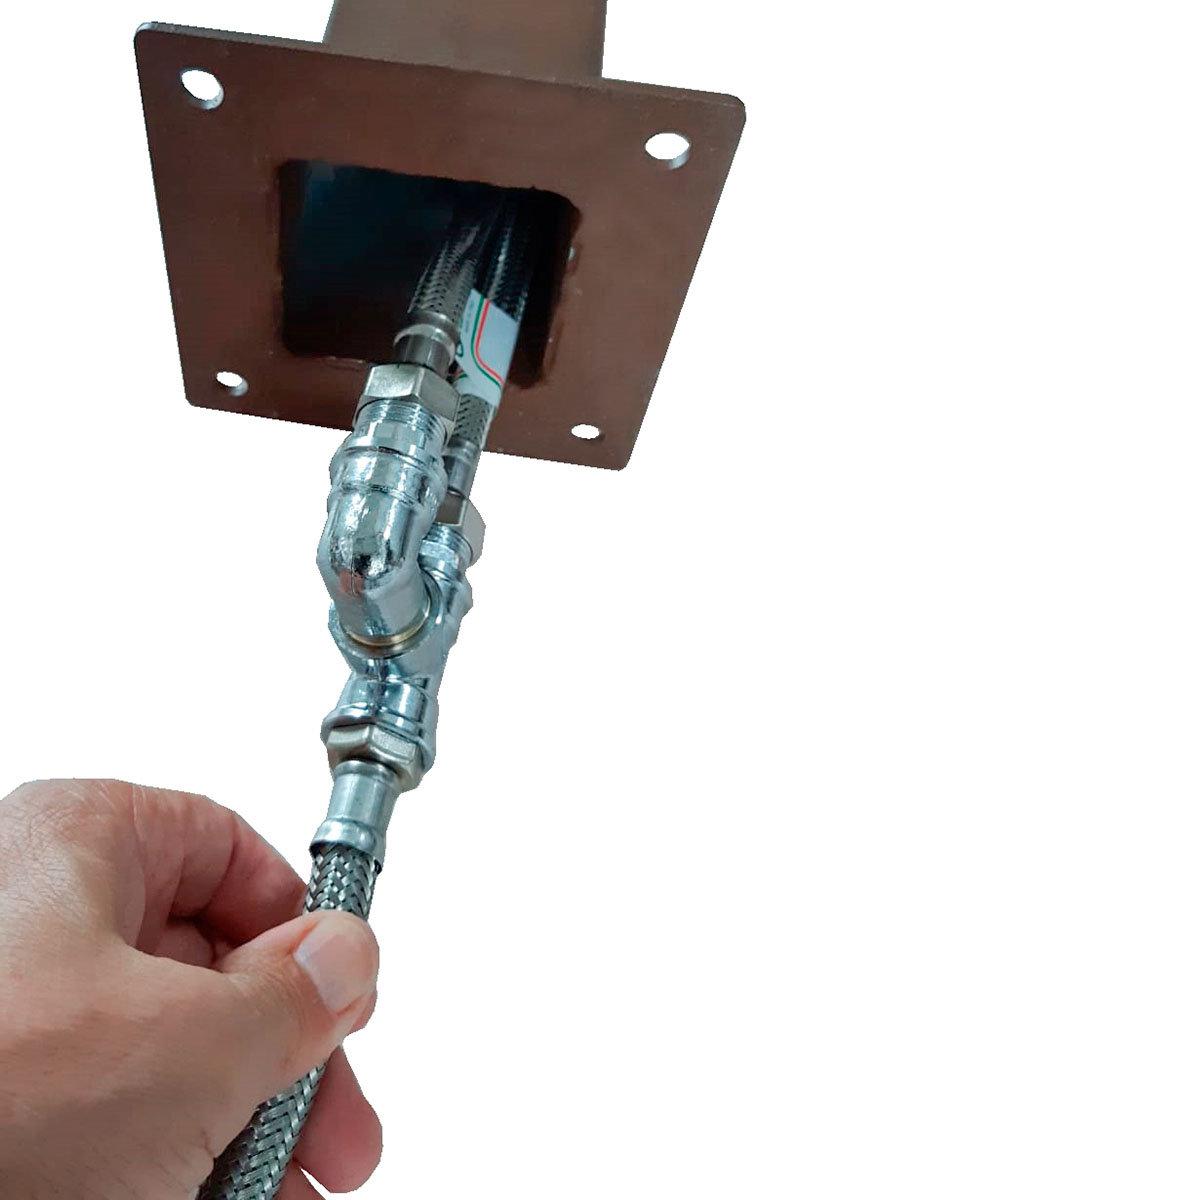 Überirdischer Flexischlauch für Wassersäule Tondo, Quadra und Silverline, 47x7x2,5 cm, Stahl | #5